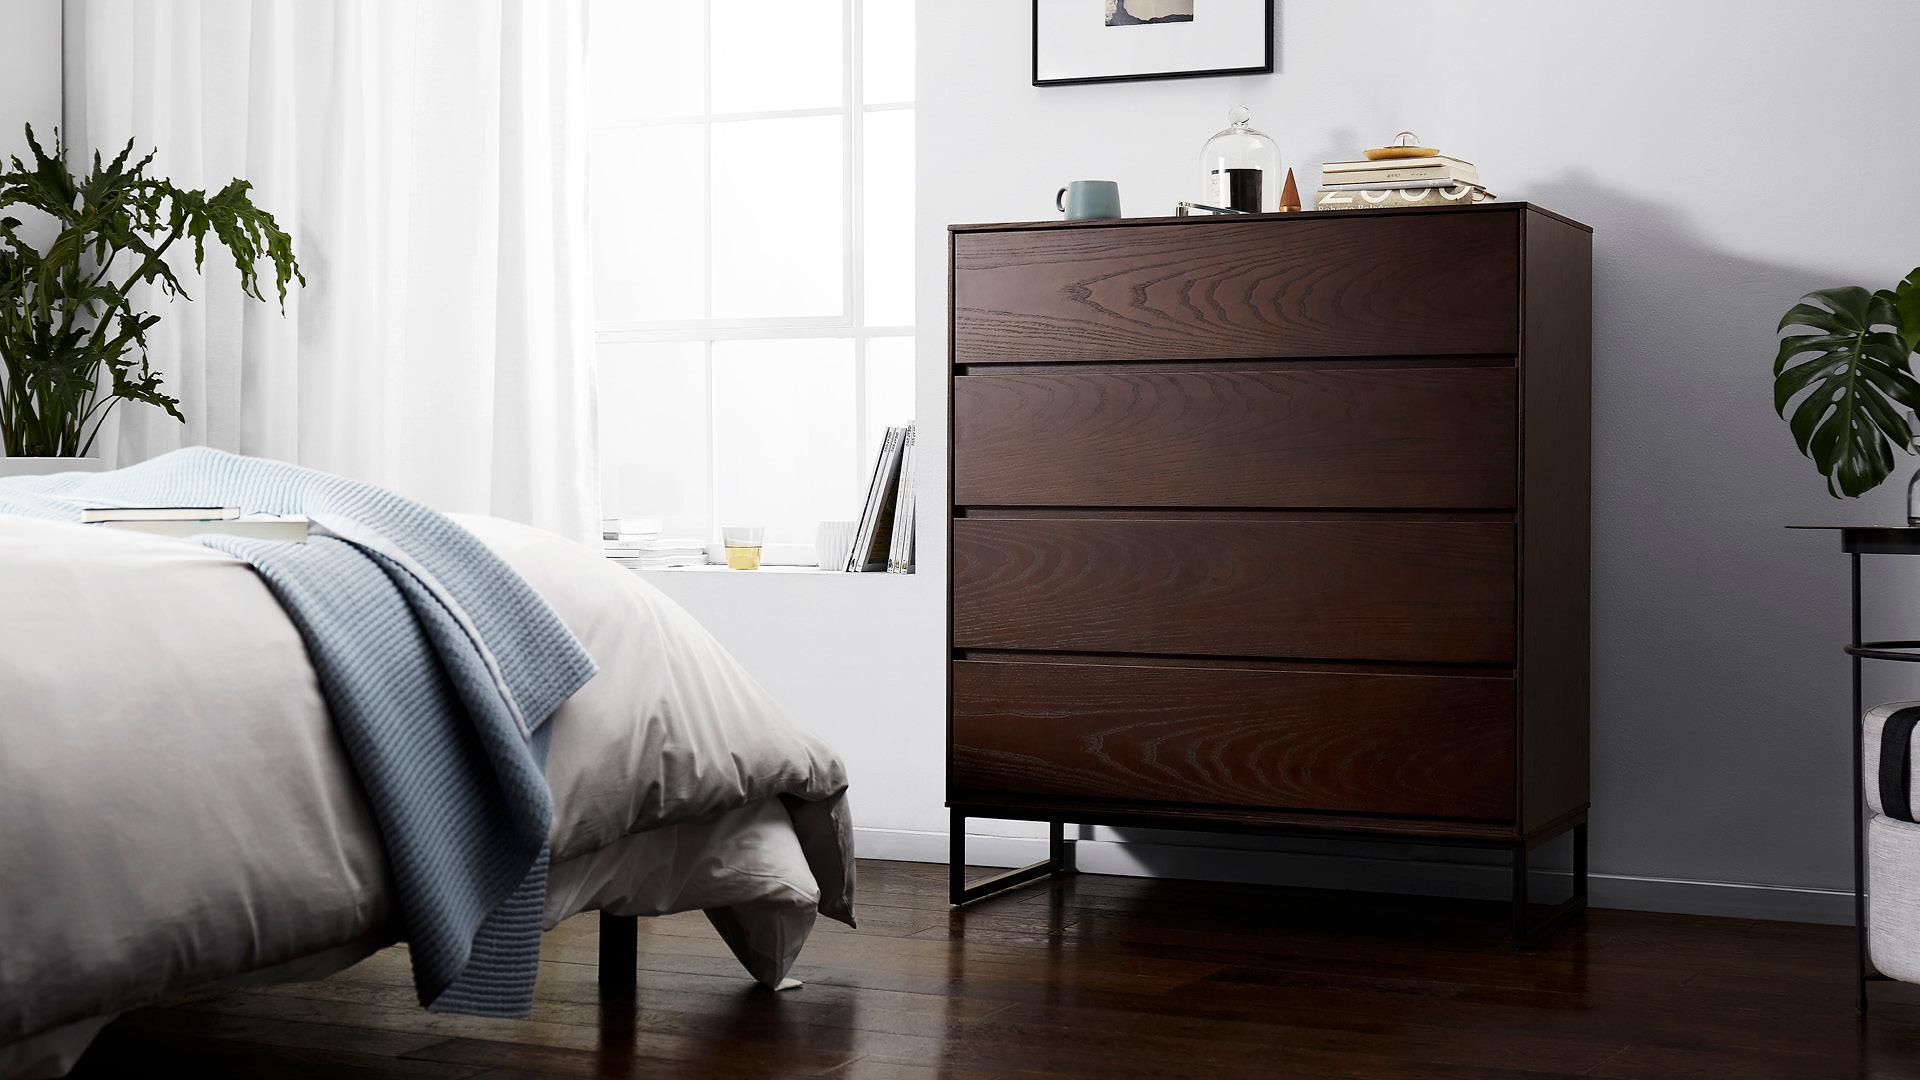 胡桃木色,营造更沉稳的入眠氛围